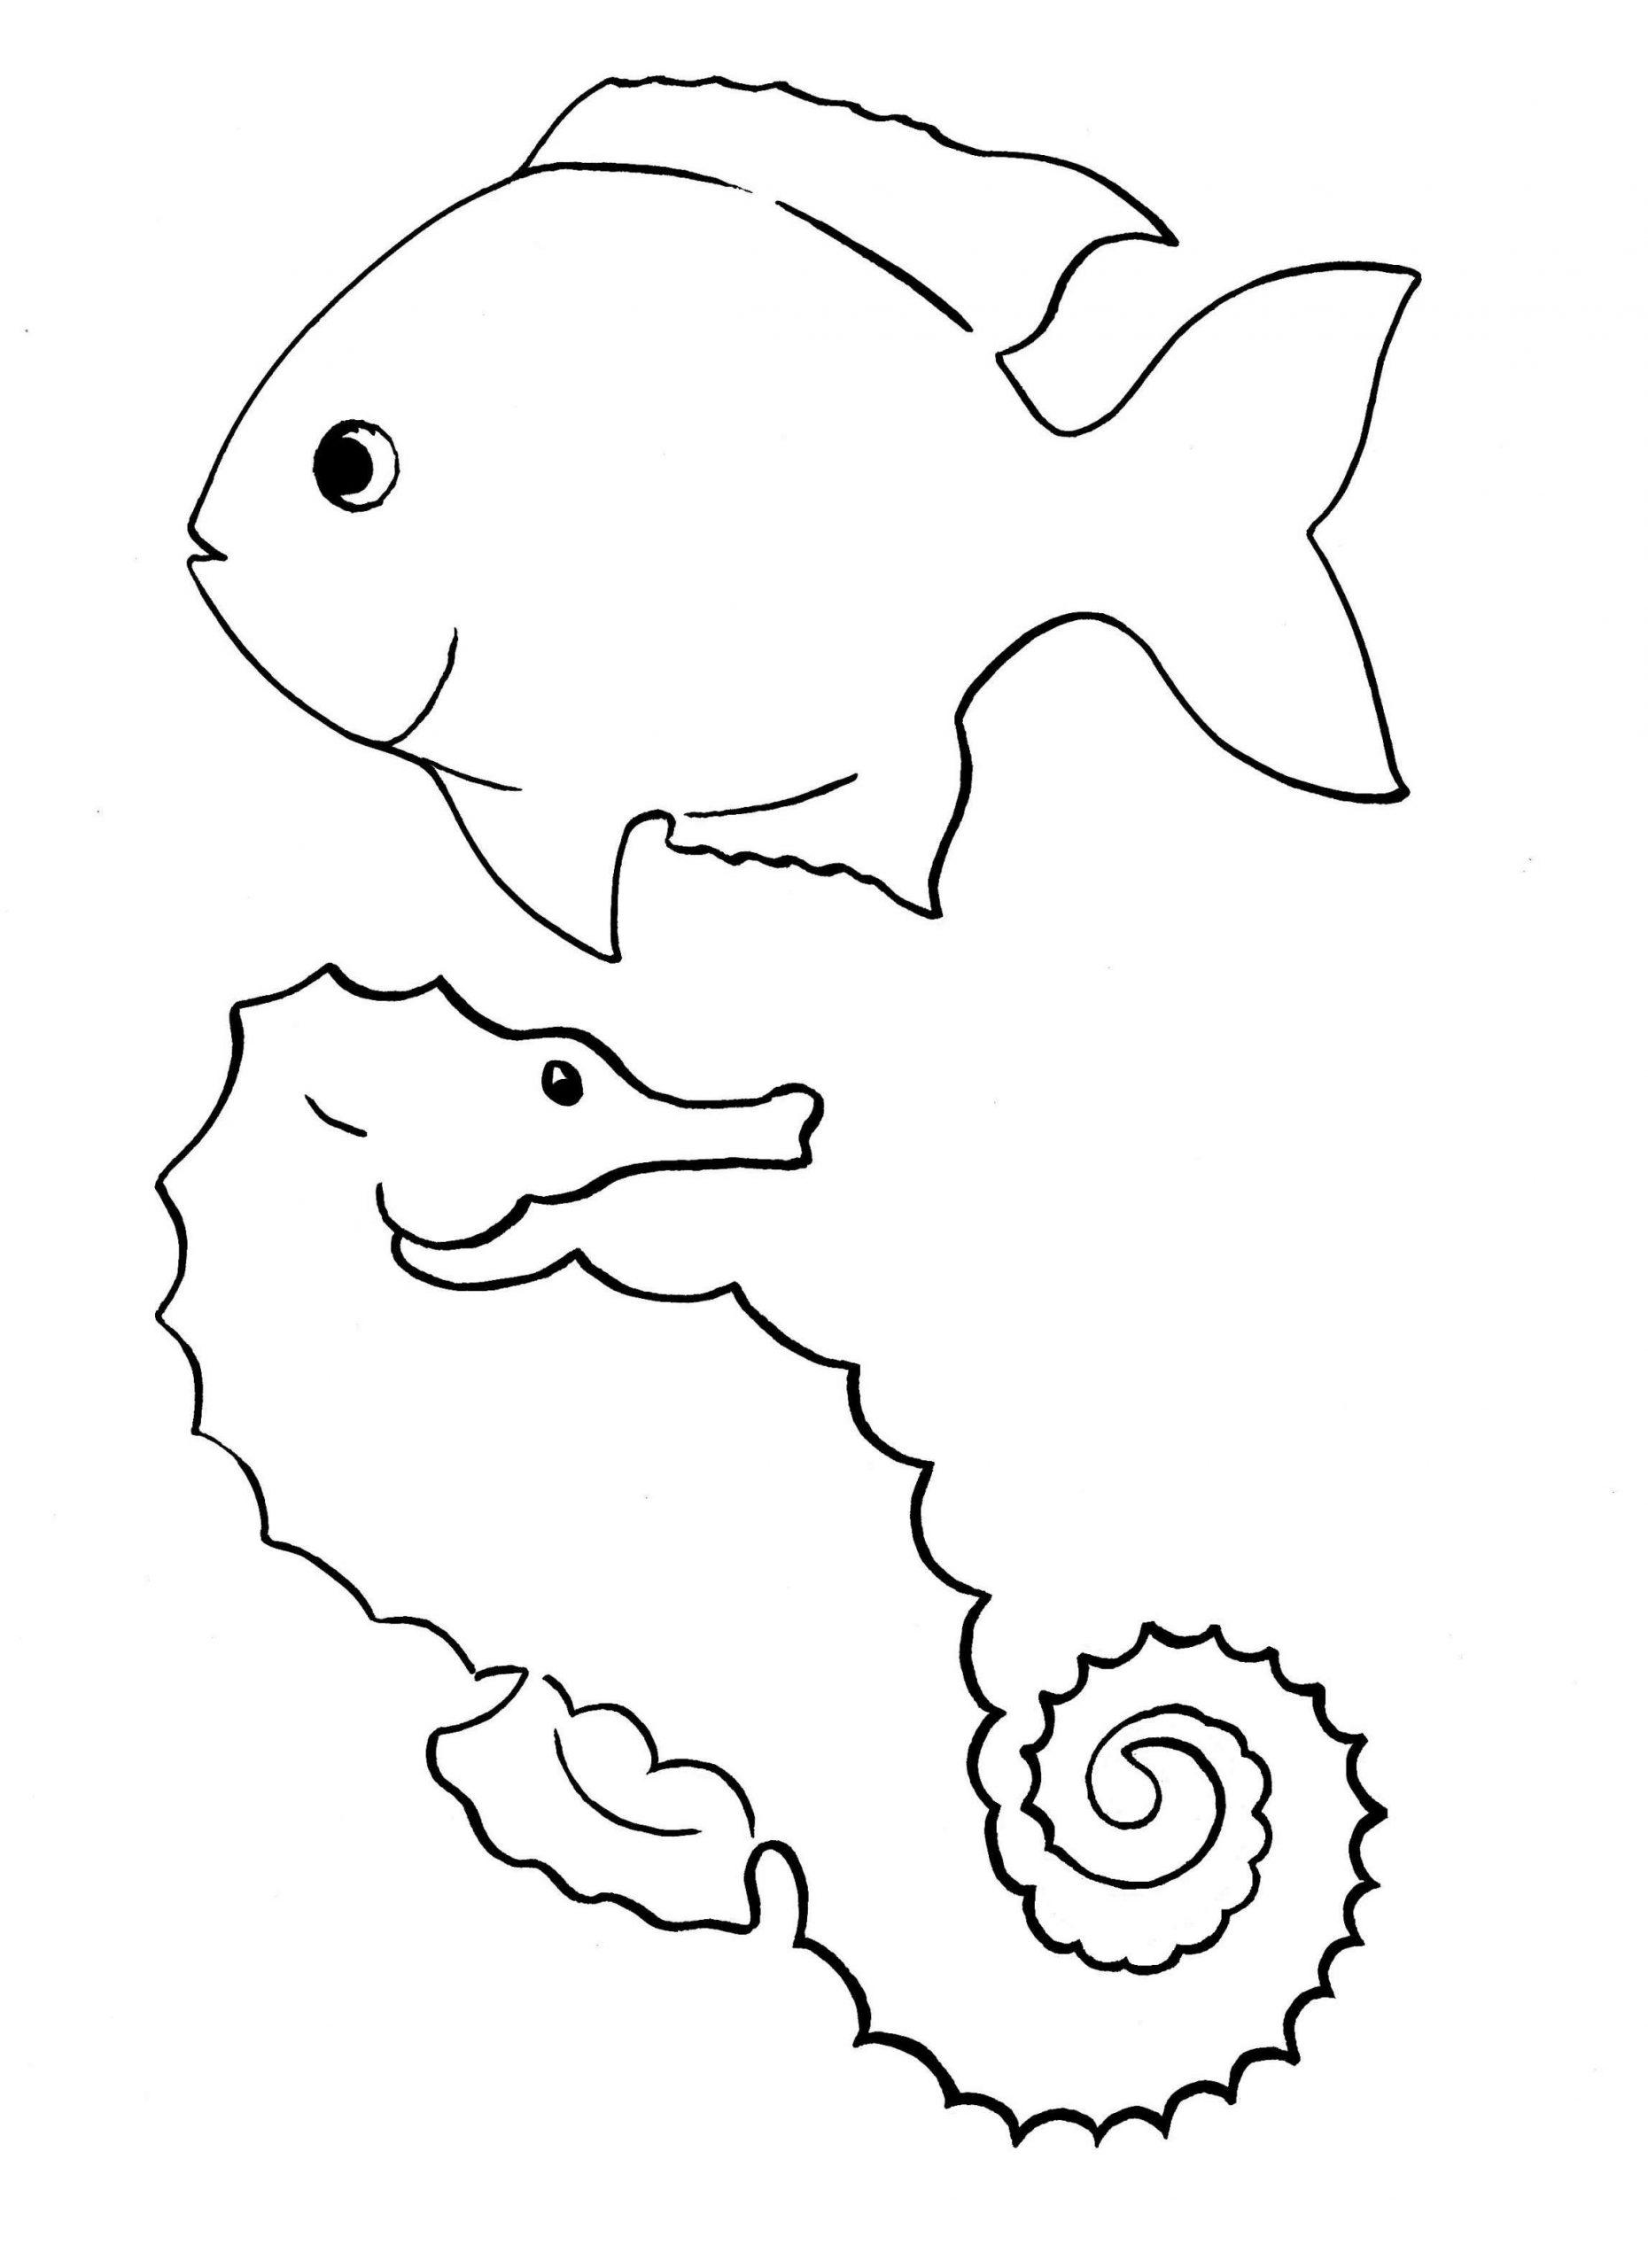 40 Fisch Schablone Zum Ausschneiden - Besten Bilder Von ganzes Schablone Fisch